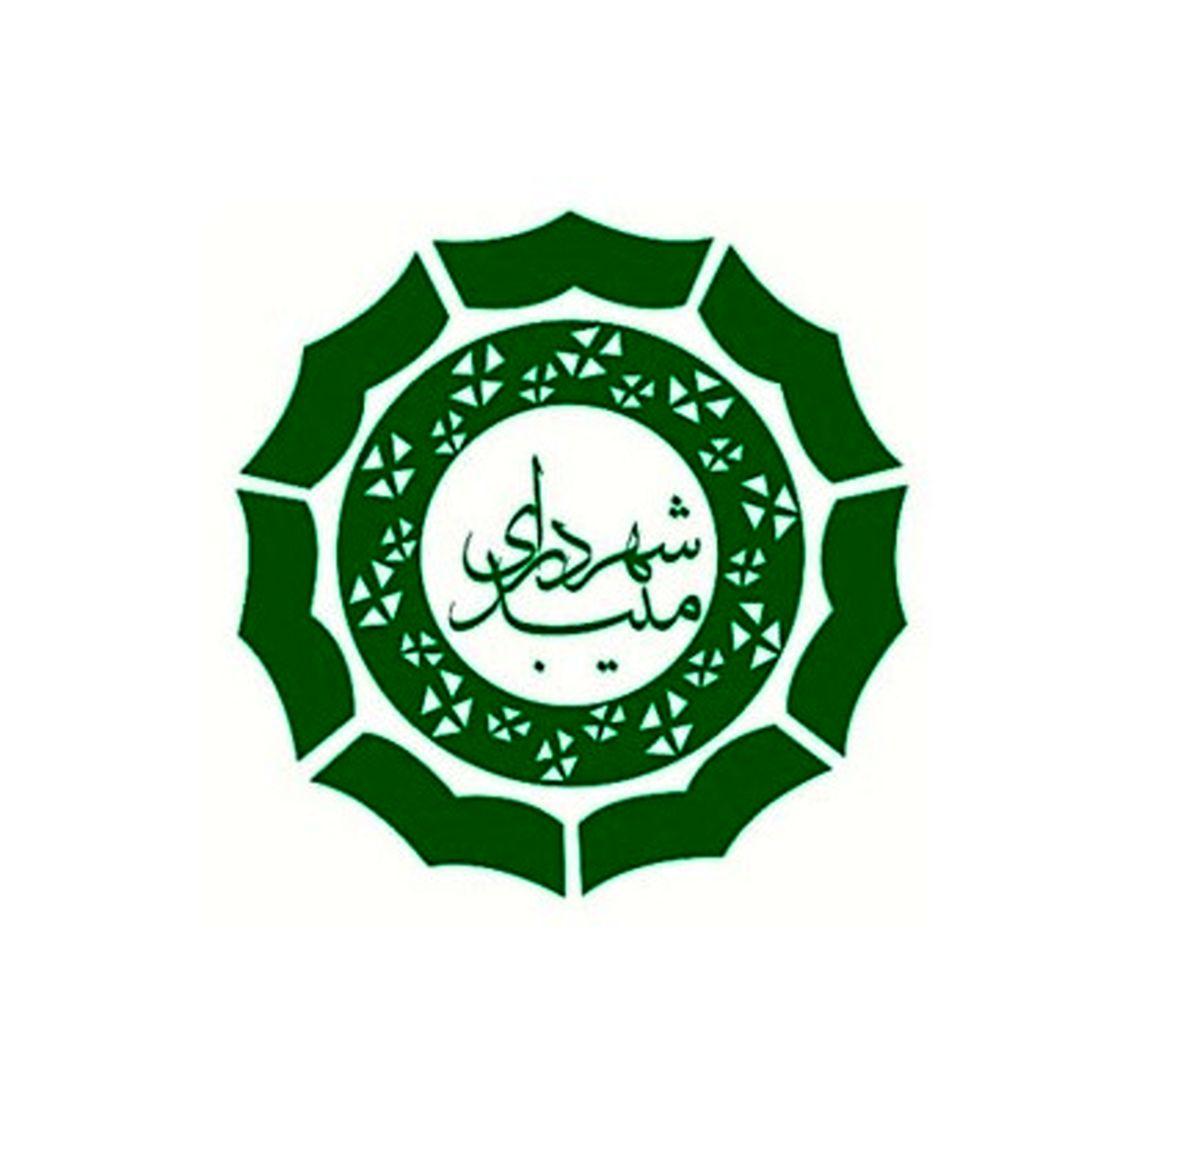 پیام تبریک شهردار میبد و رئیس شورای اسلامی شهر میبد به مناسبت روز گرامیداشت مقام معلم